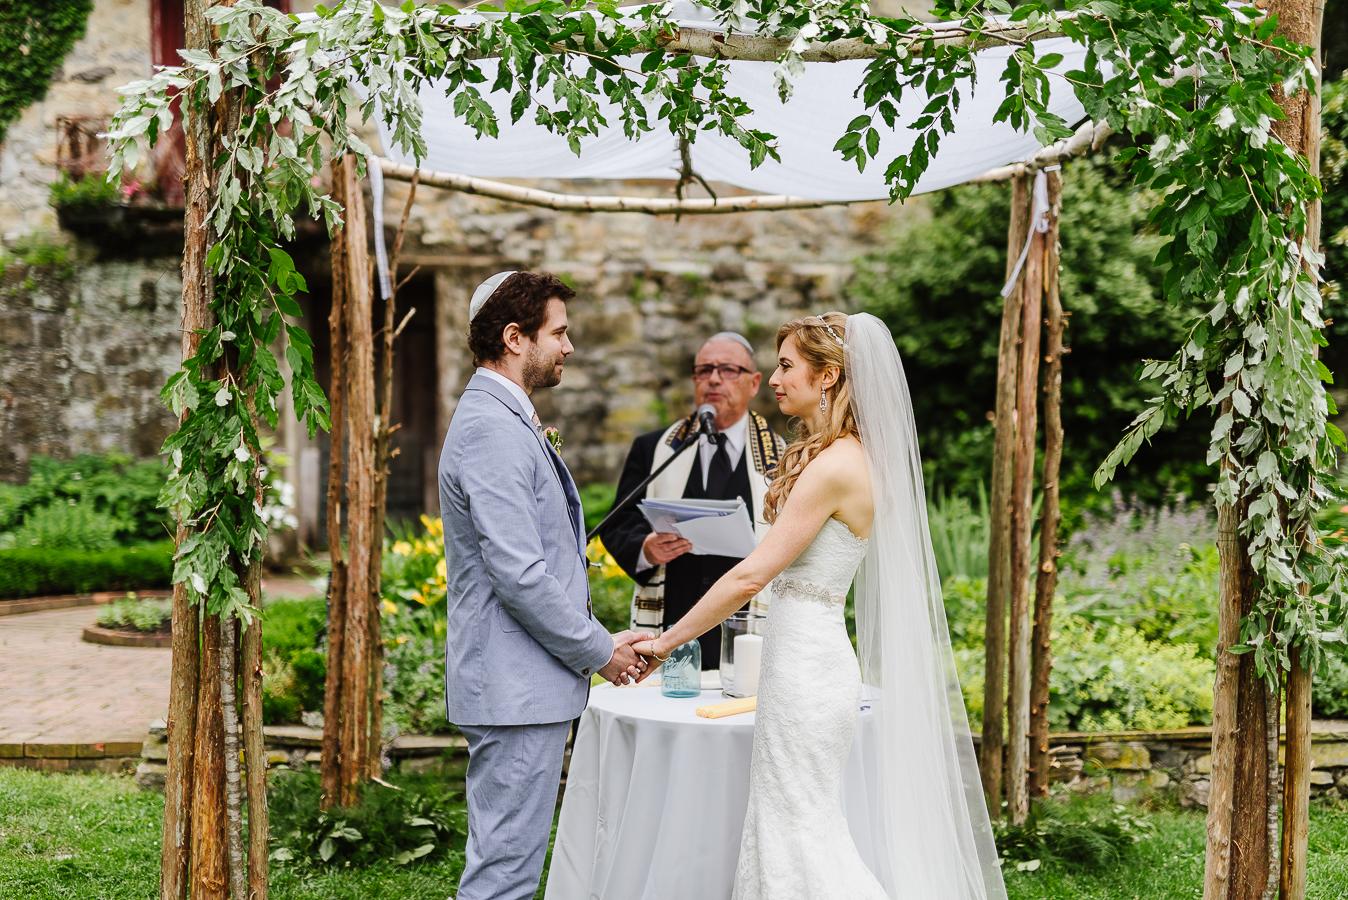 Stylish Crossed Keys Inn Wedding Crossed Keys Wedding Crossed Keys Inn Andover NJ Longbrook Photography-41.jpg